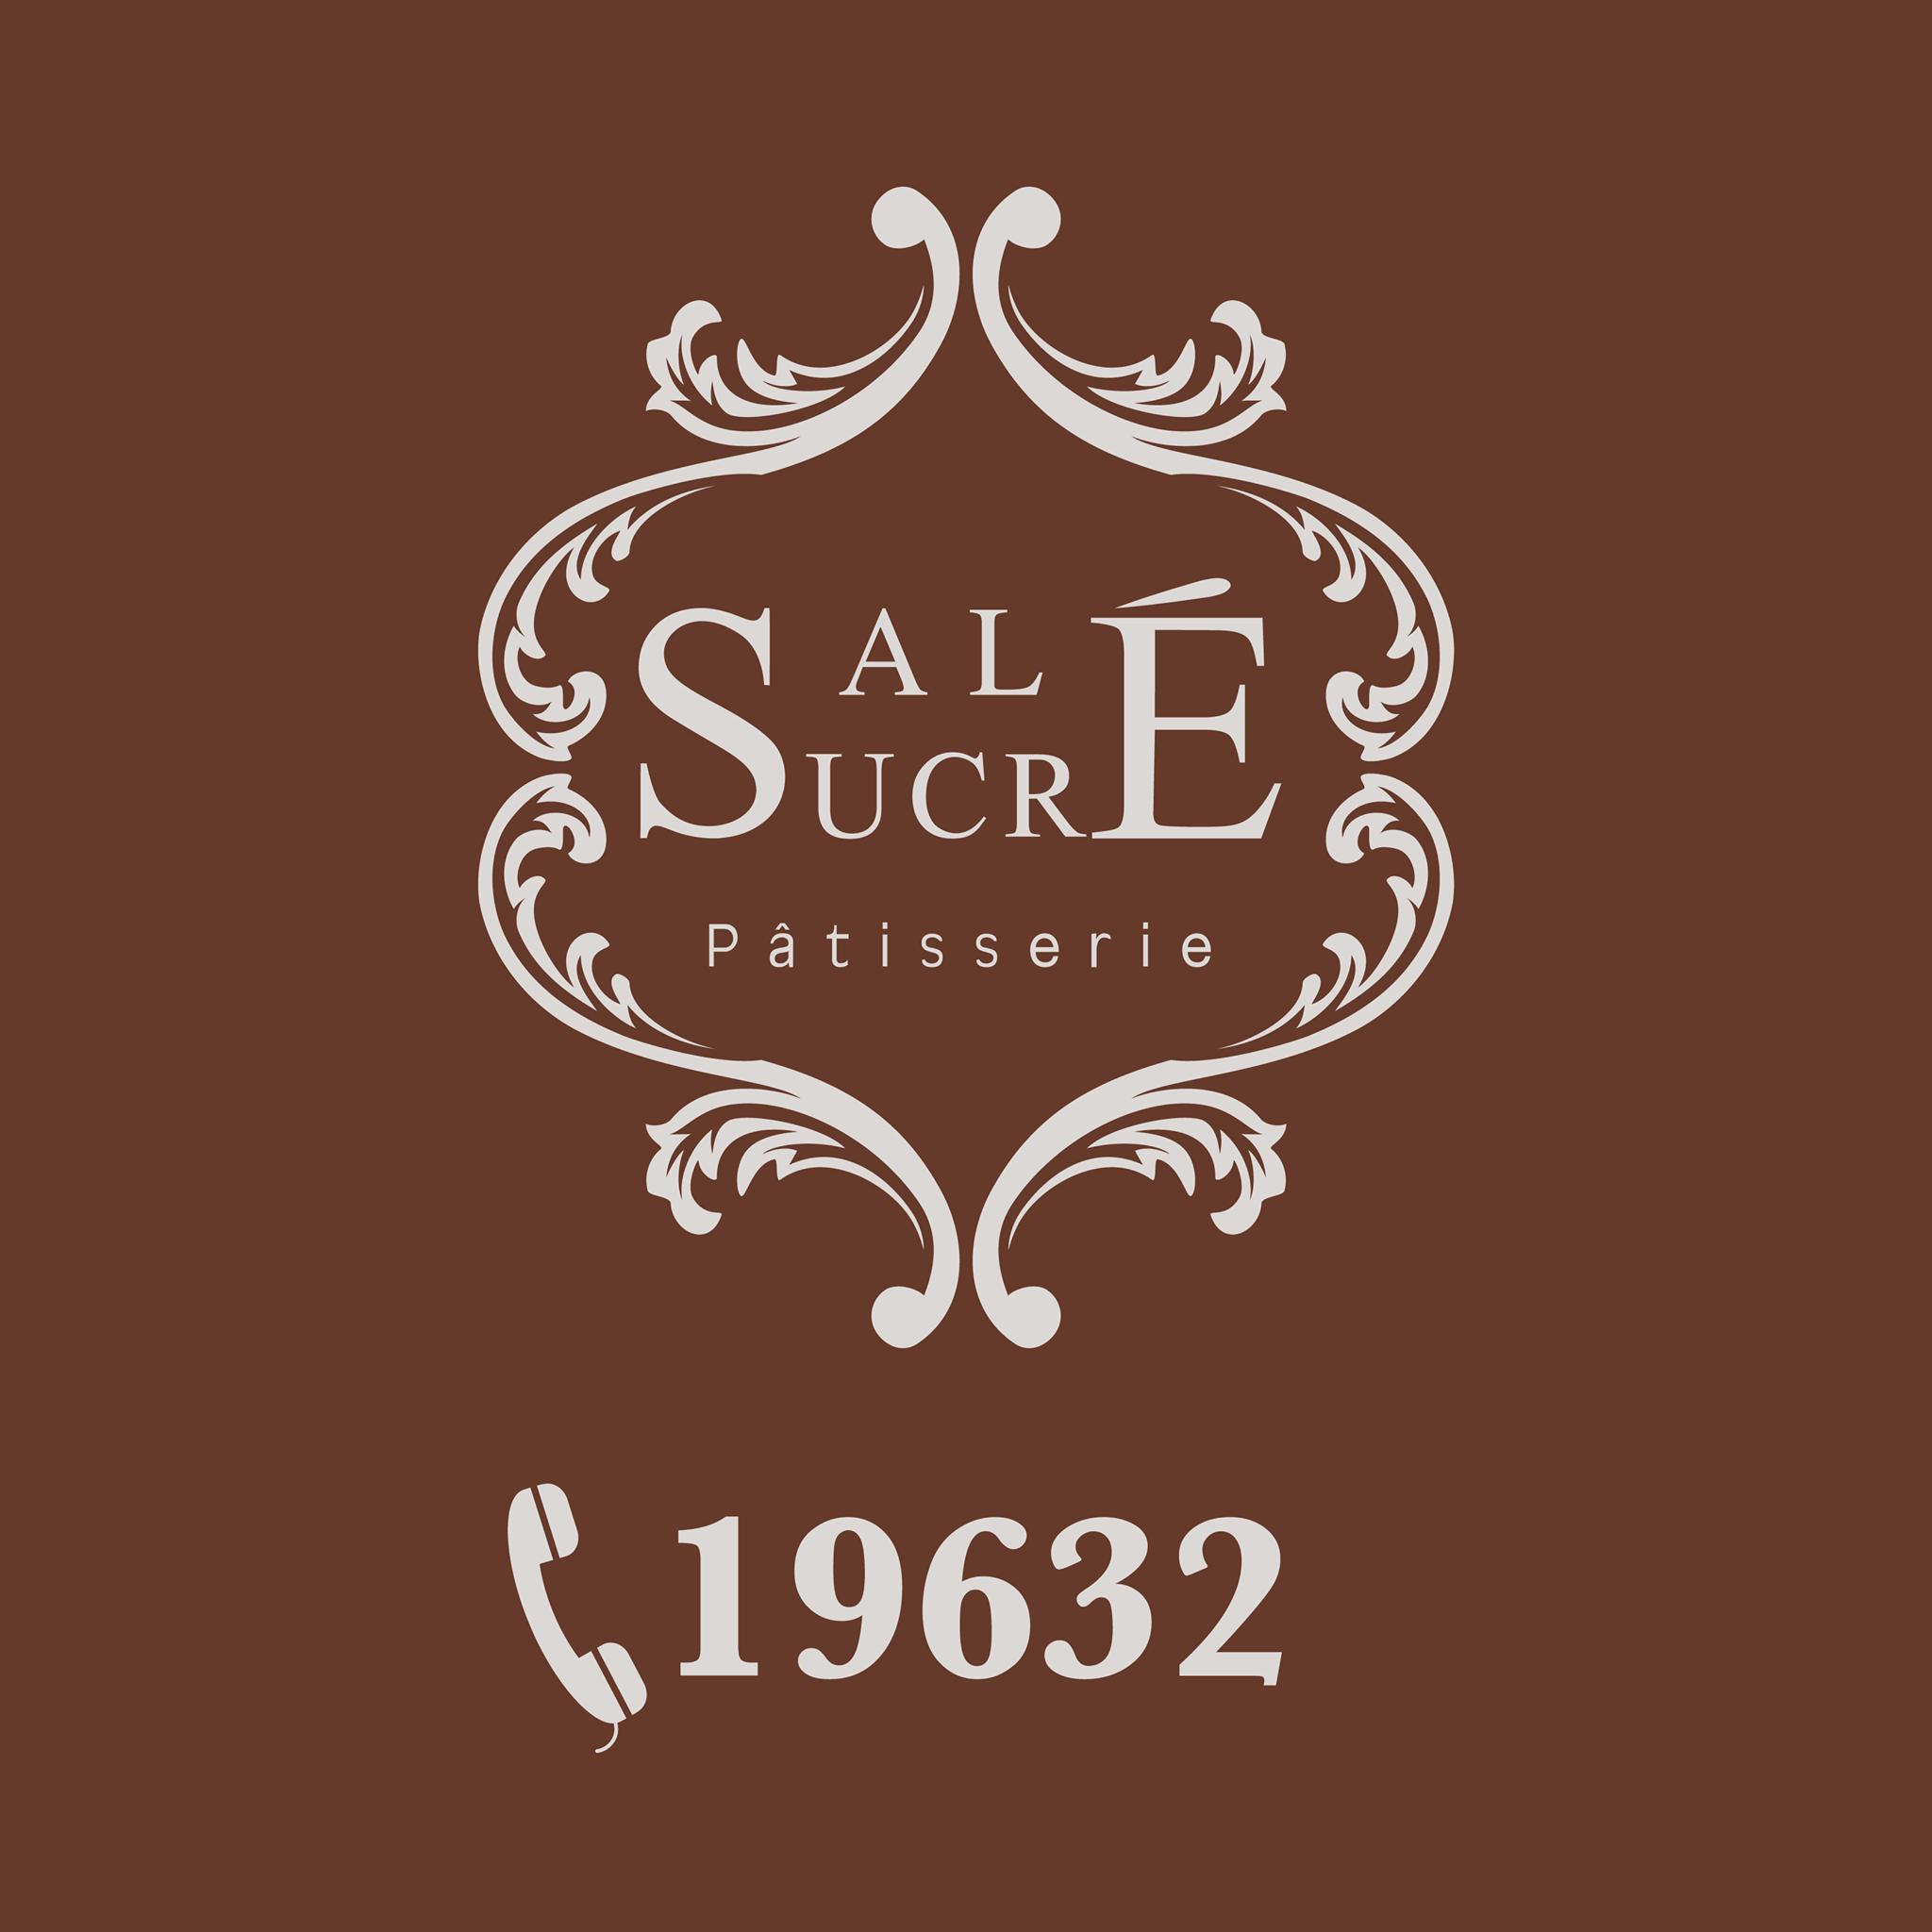 ساليه سوكريه Salé Sucré